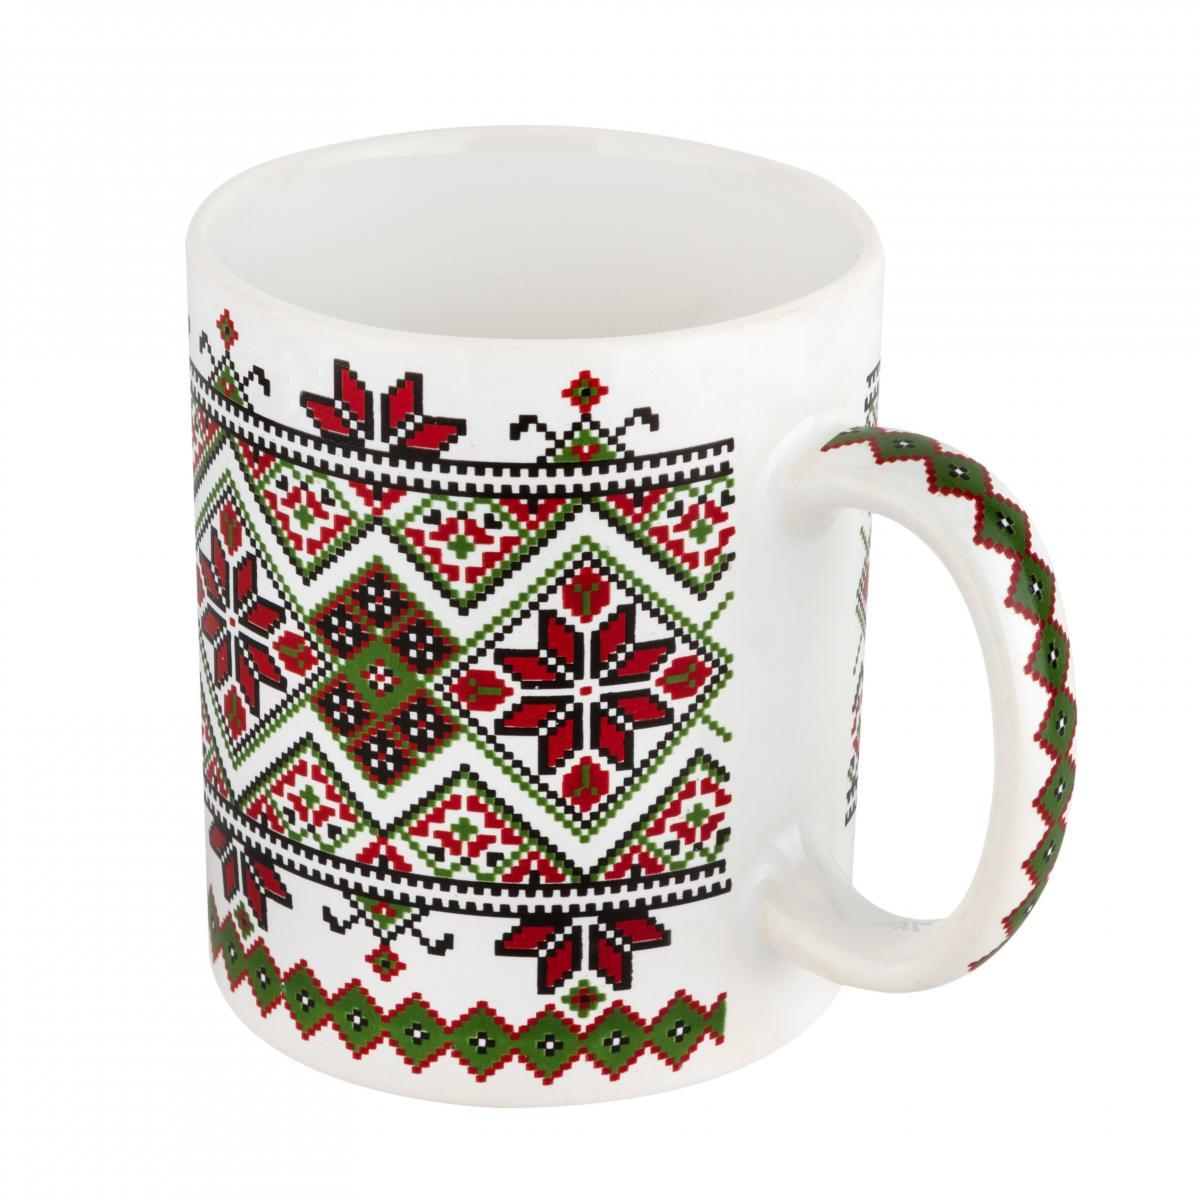 Чашка с красно-зеленым узором. Фото №2.   Народный дом Украина